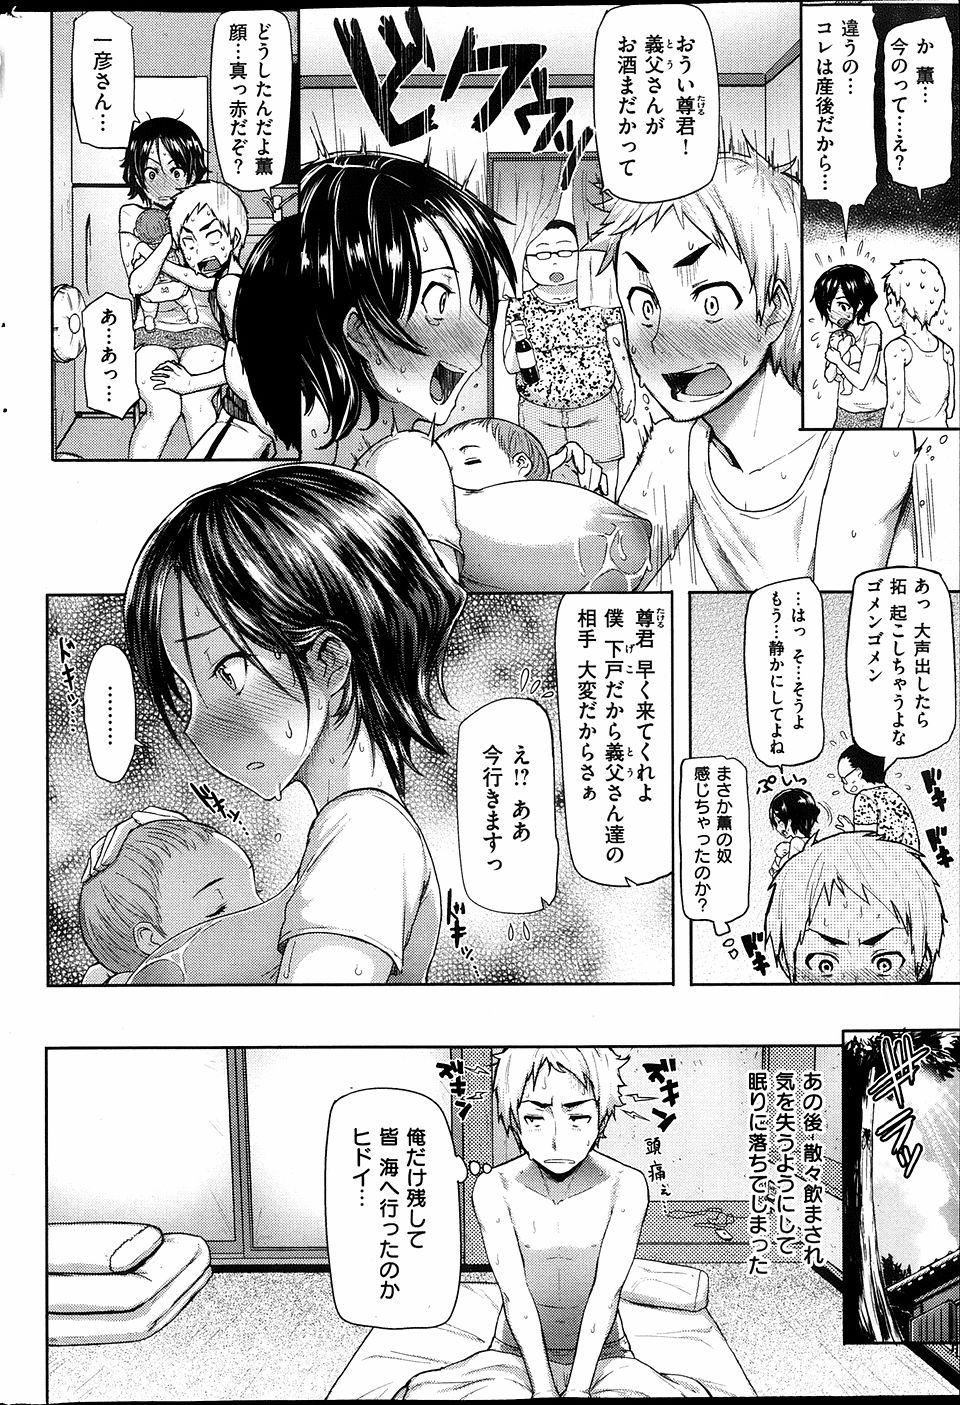 【エロ漫画・エロ同人誌】巨乳人妻のイトコが母乳あげてるのを見て欲情しちゃったwww (4)